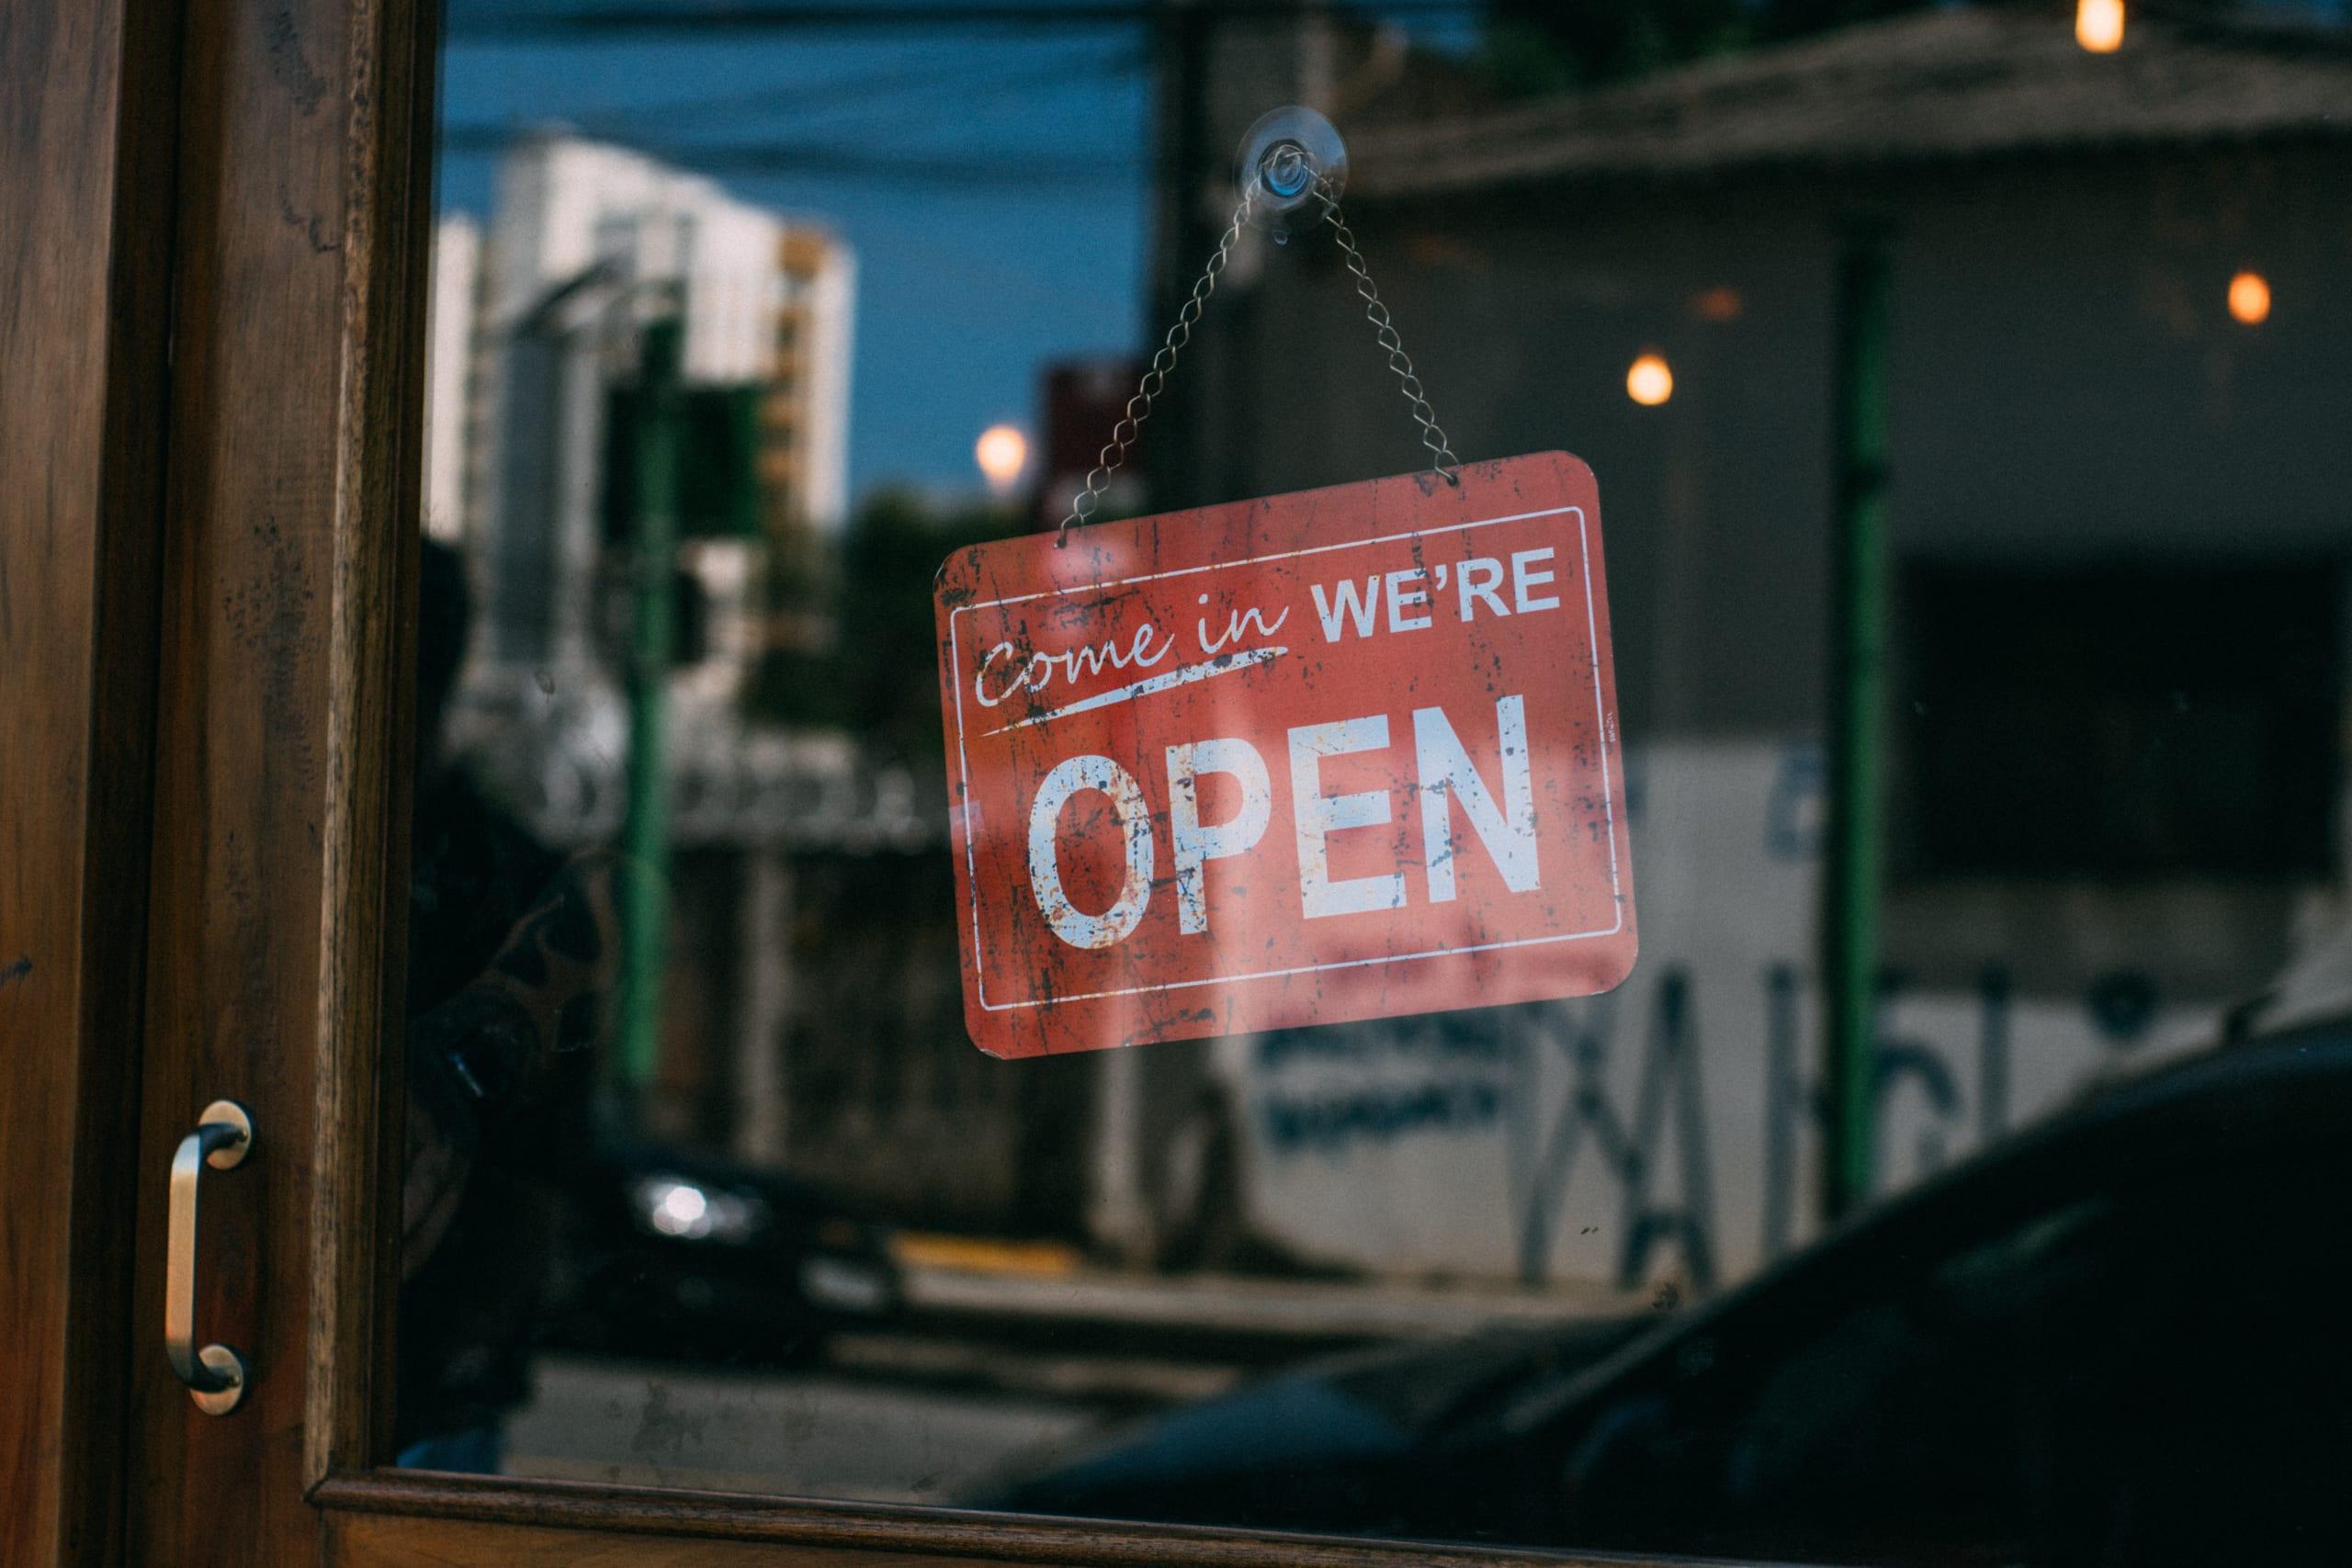 ワイモバイルで来店予約する流れを解説!主要な手続きは全てオンライン対応?